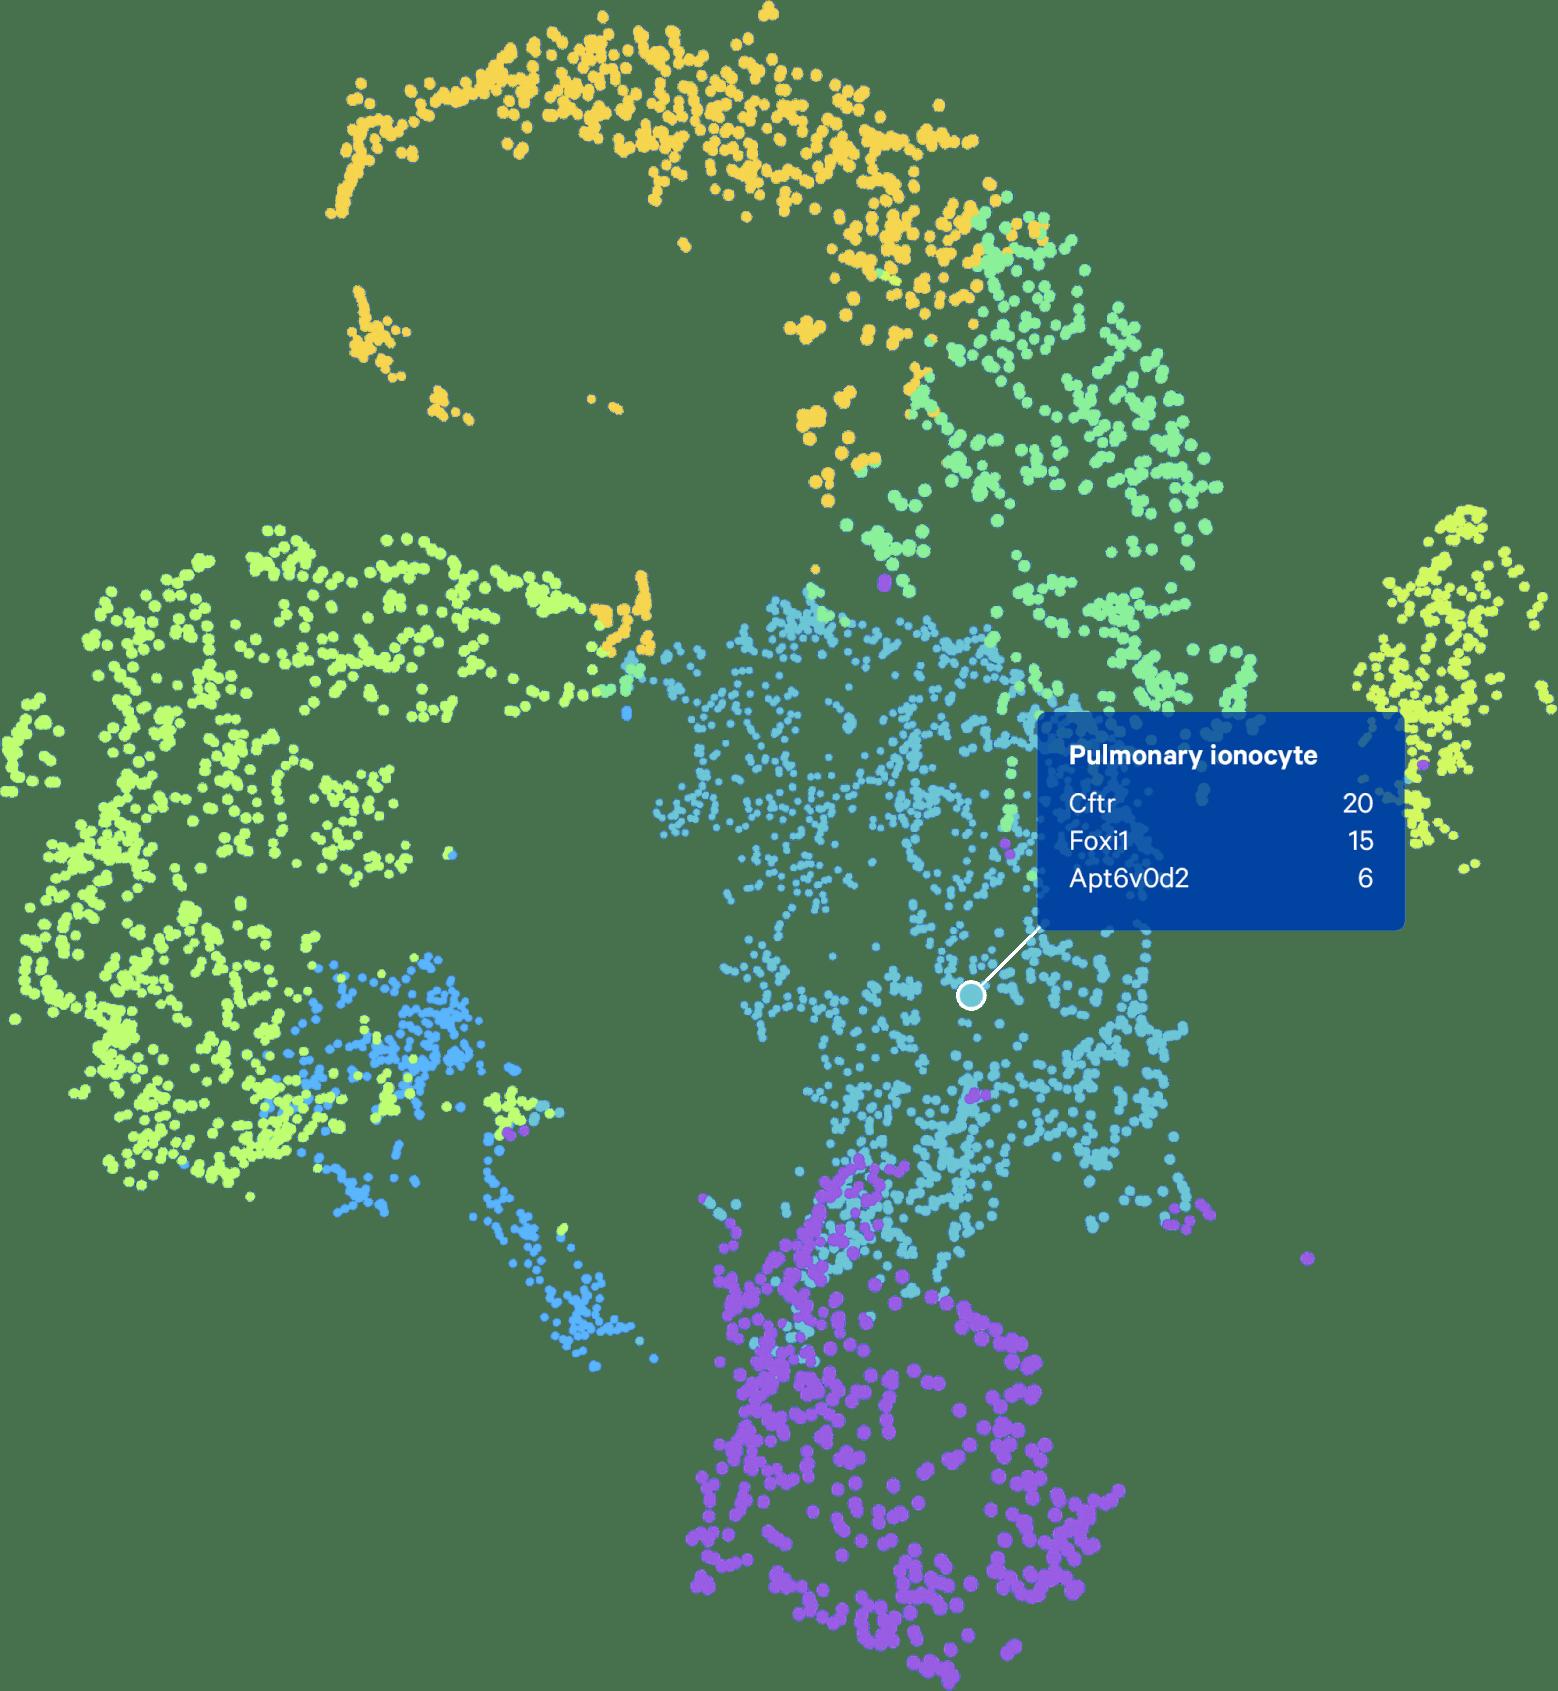 シングルセル遺伝子発現解析